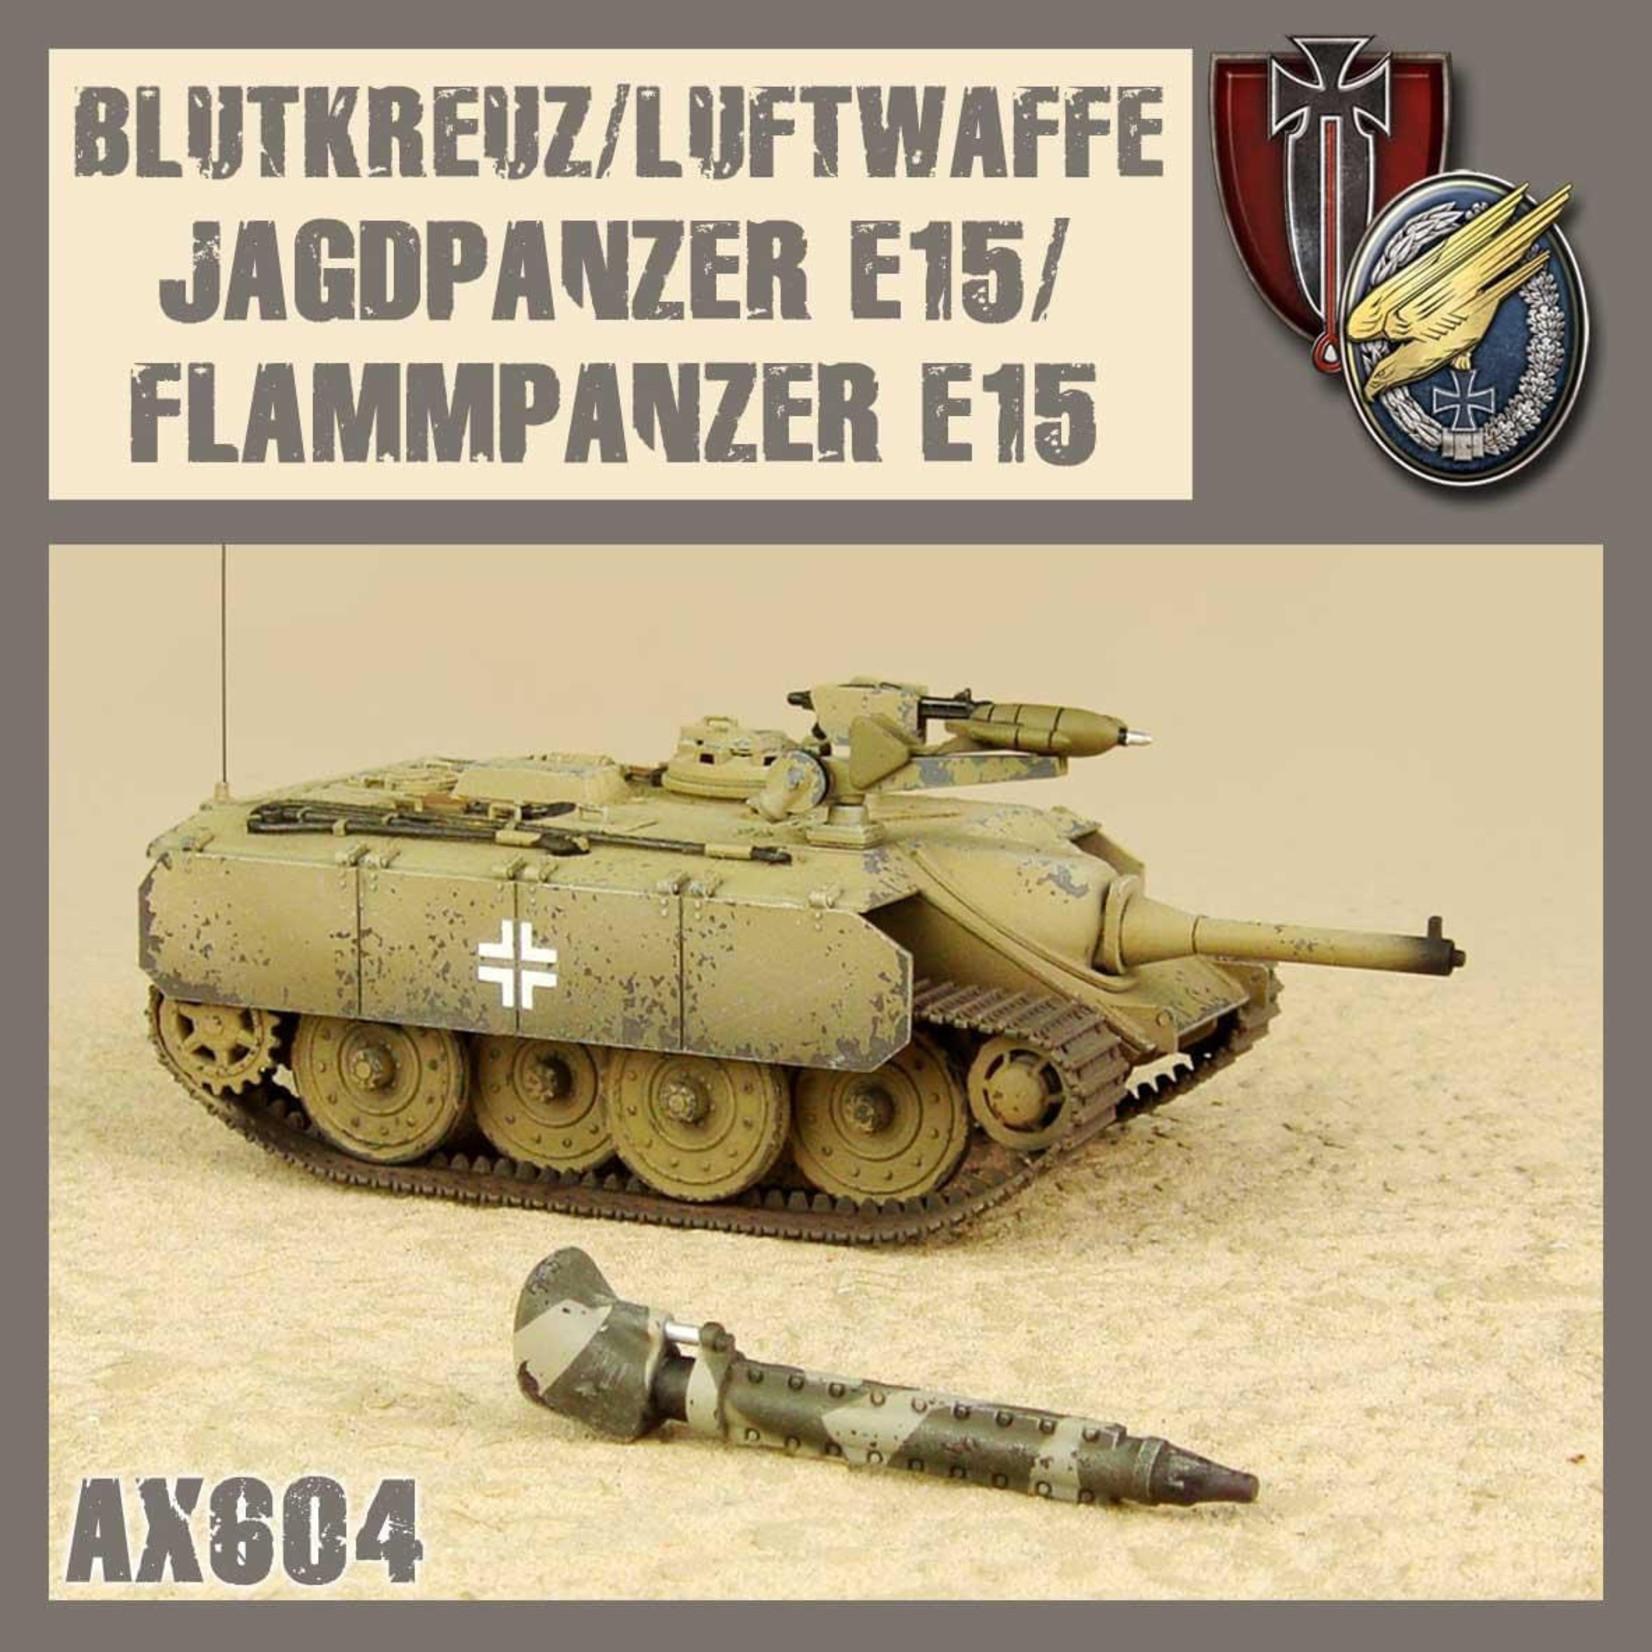 Dust Dust 1947: Blutkreuz/Luftwaffe E15 Jagdpanzer/Flammpanzer